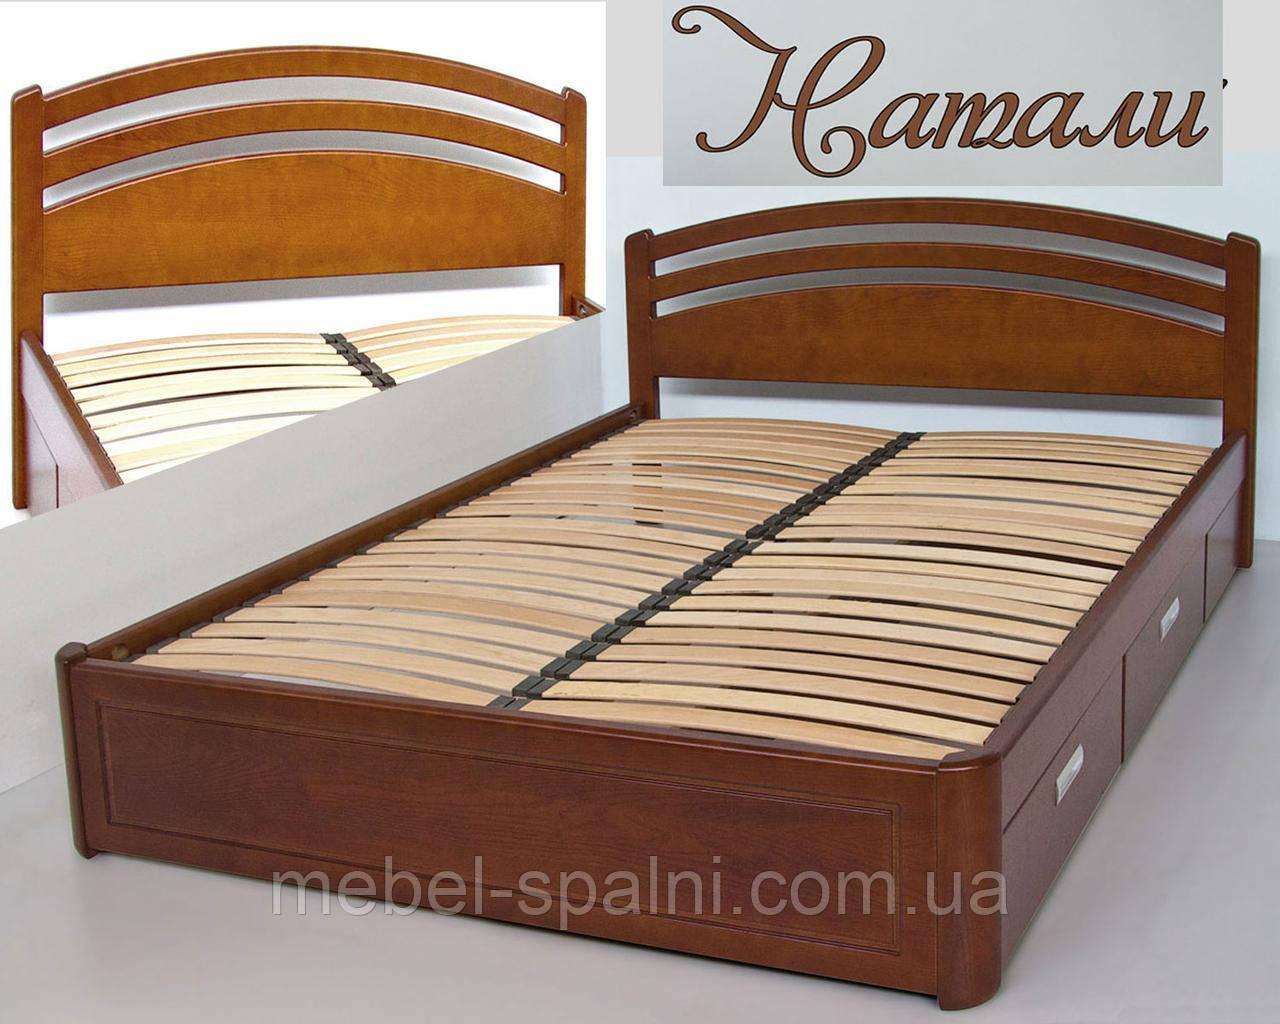 Кровать двуспальная деревянная 180х190 «Натали» с ящиками, с подъемным механизмом белая из дерева